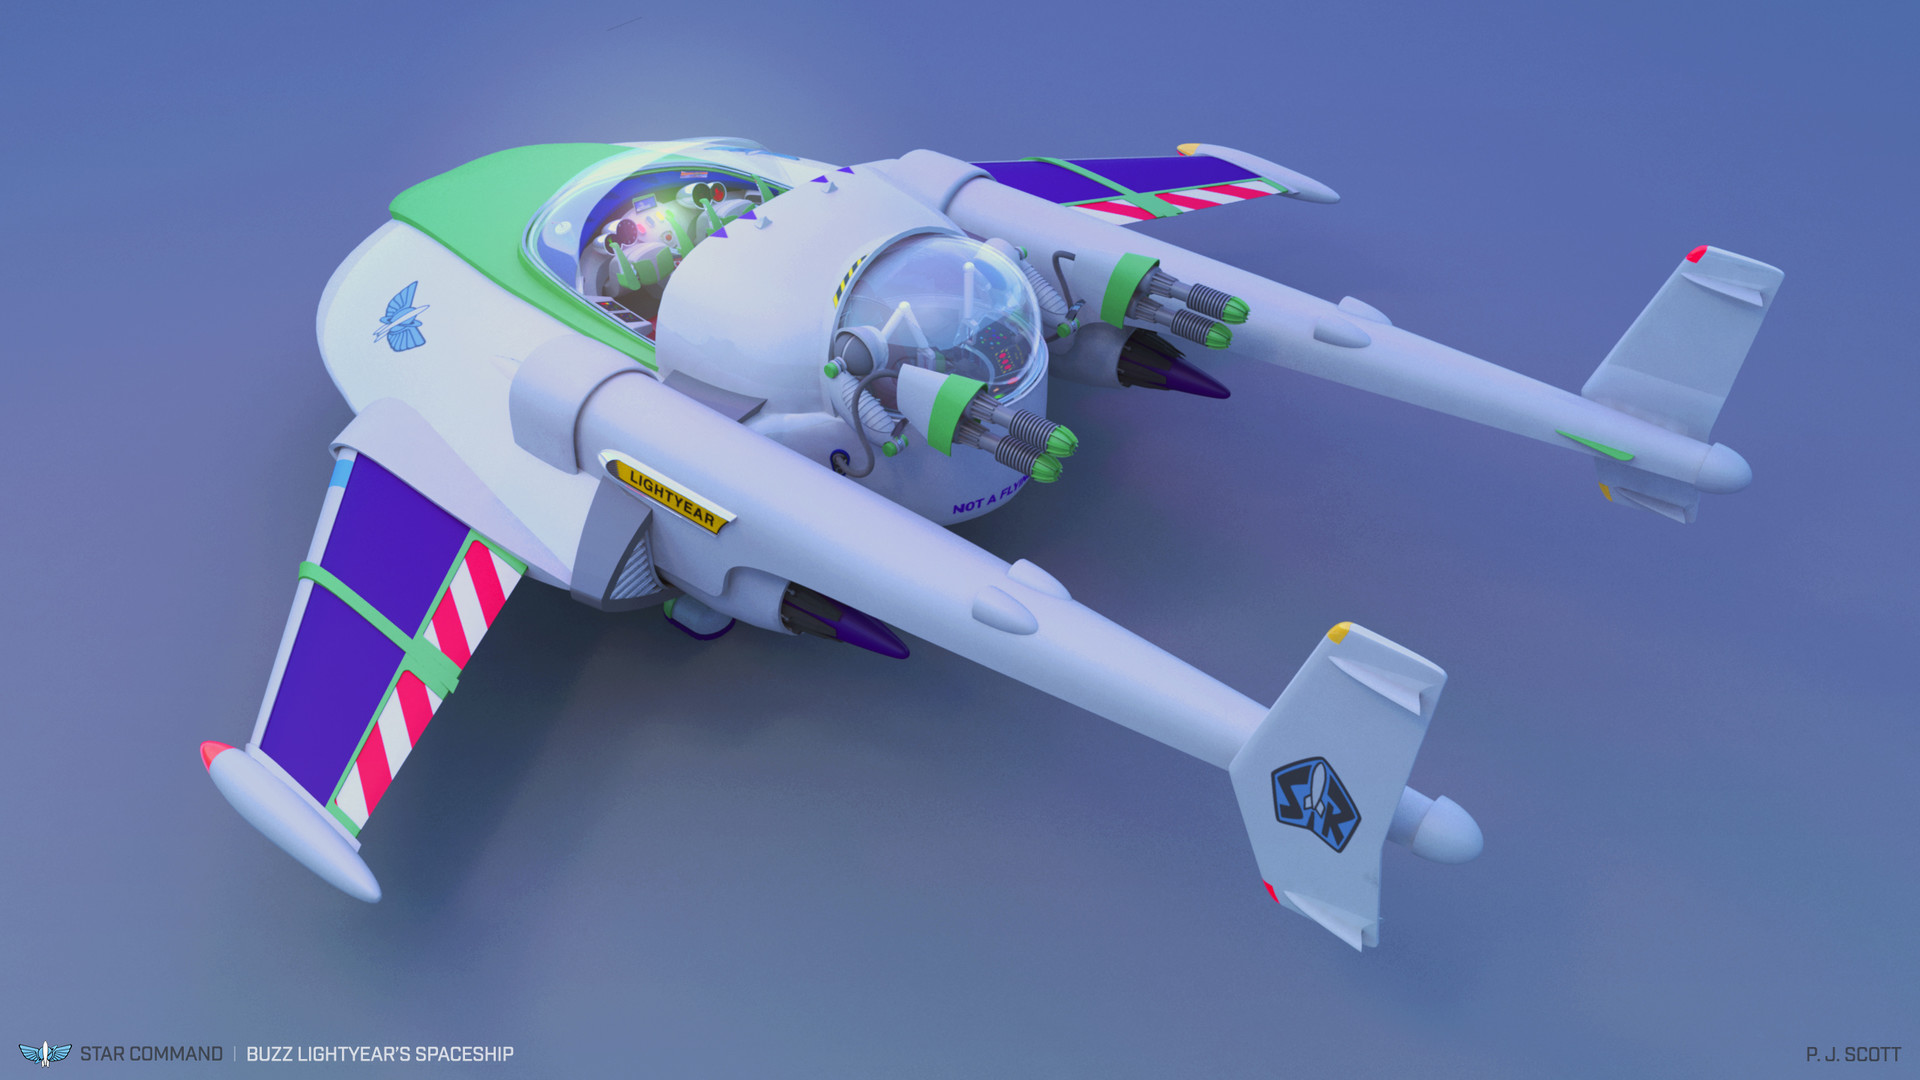 pete-scott-buzz-lightyear-spaceship-10.j